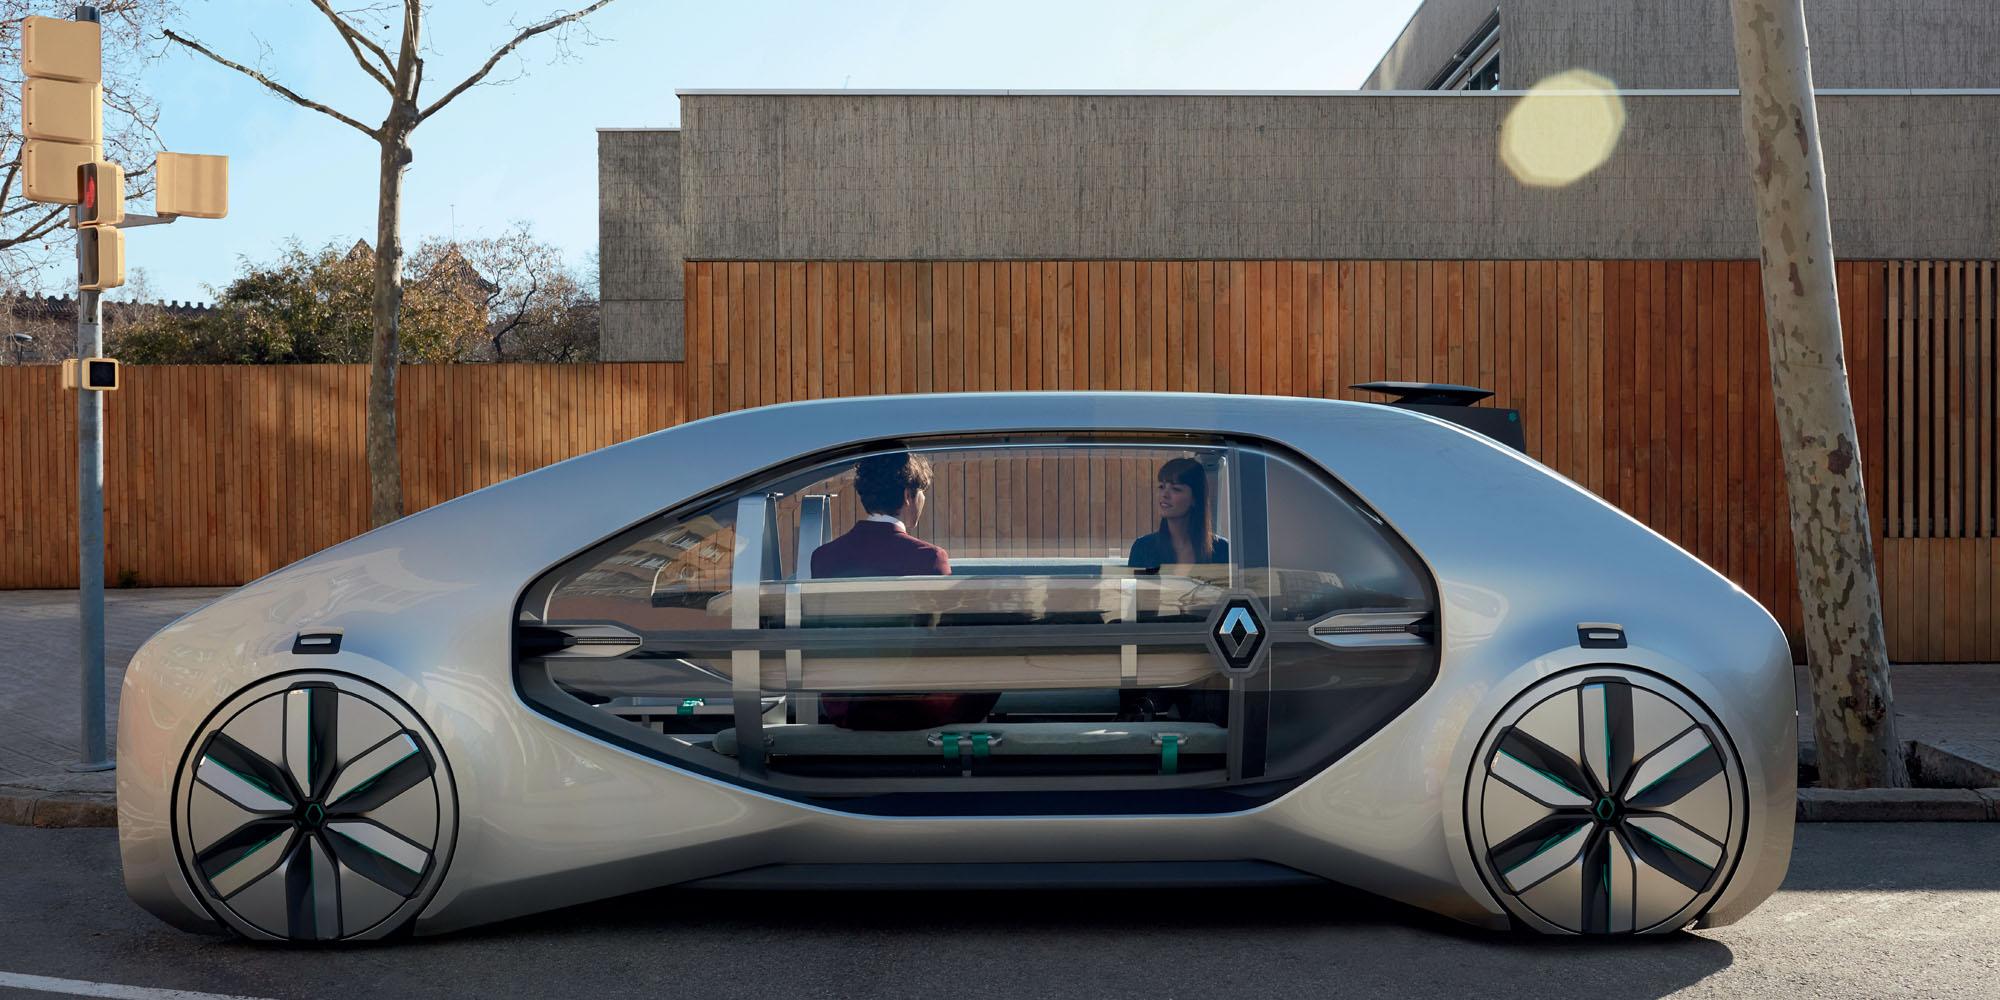 ez go s10 ecm wiring diagram renault electric autonomous concept car redefines a shared driving experience